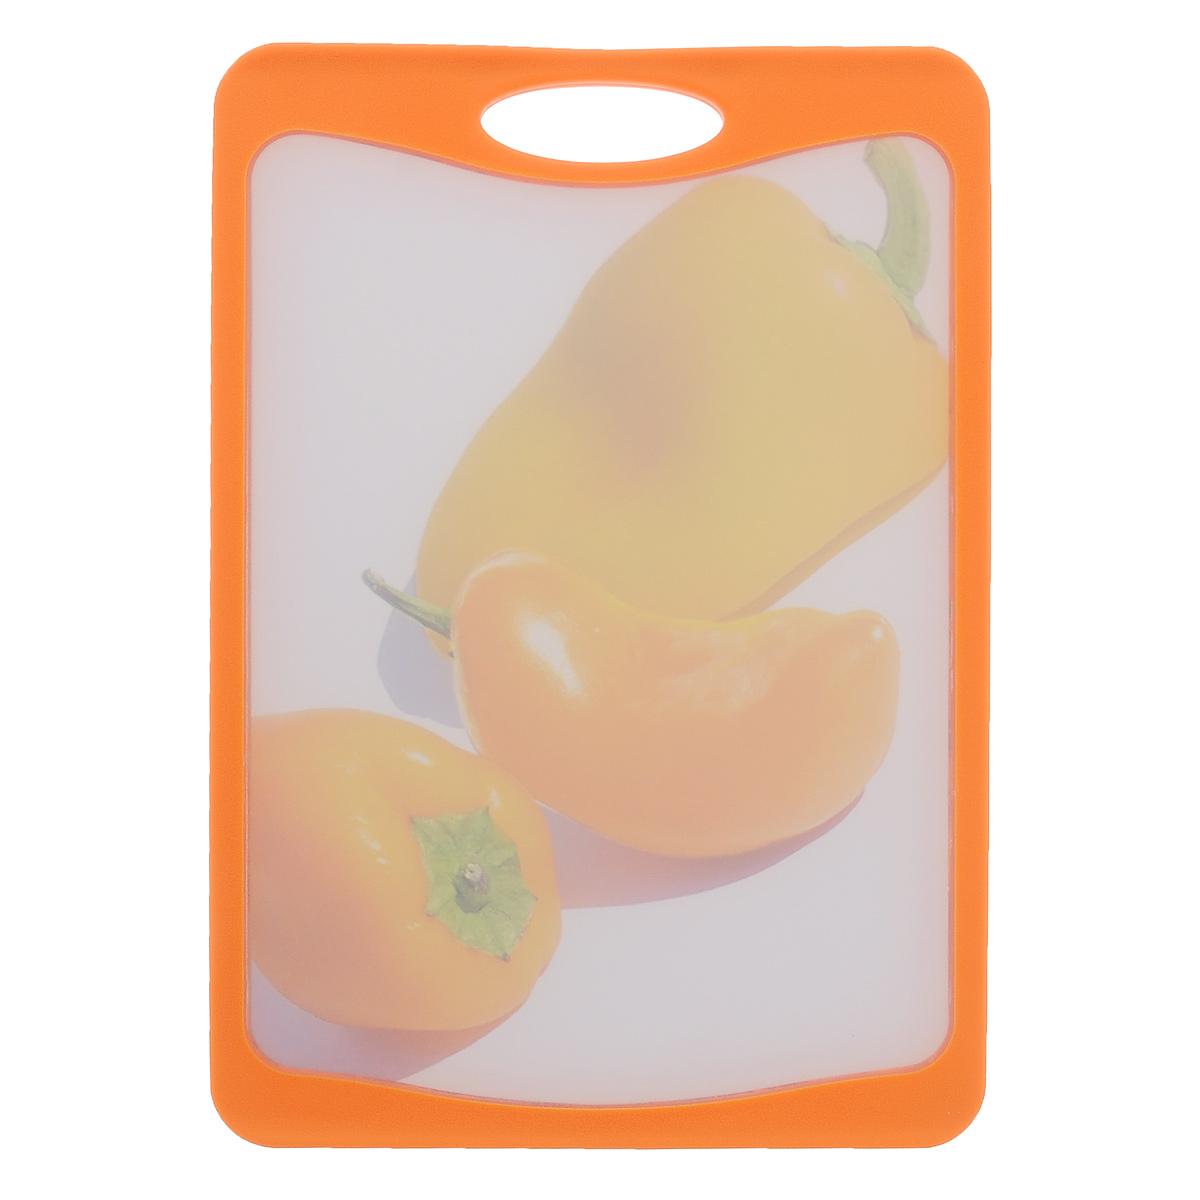 Доска разделочная Frybest Паприка, цвет: оранжевый, 20 х 29 см доска разделочная bravo с силиконовой вставкой цвет коричневый бежевый 33 х 24 х 1 2 см